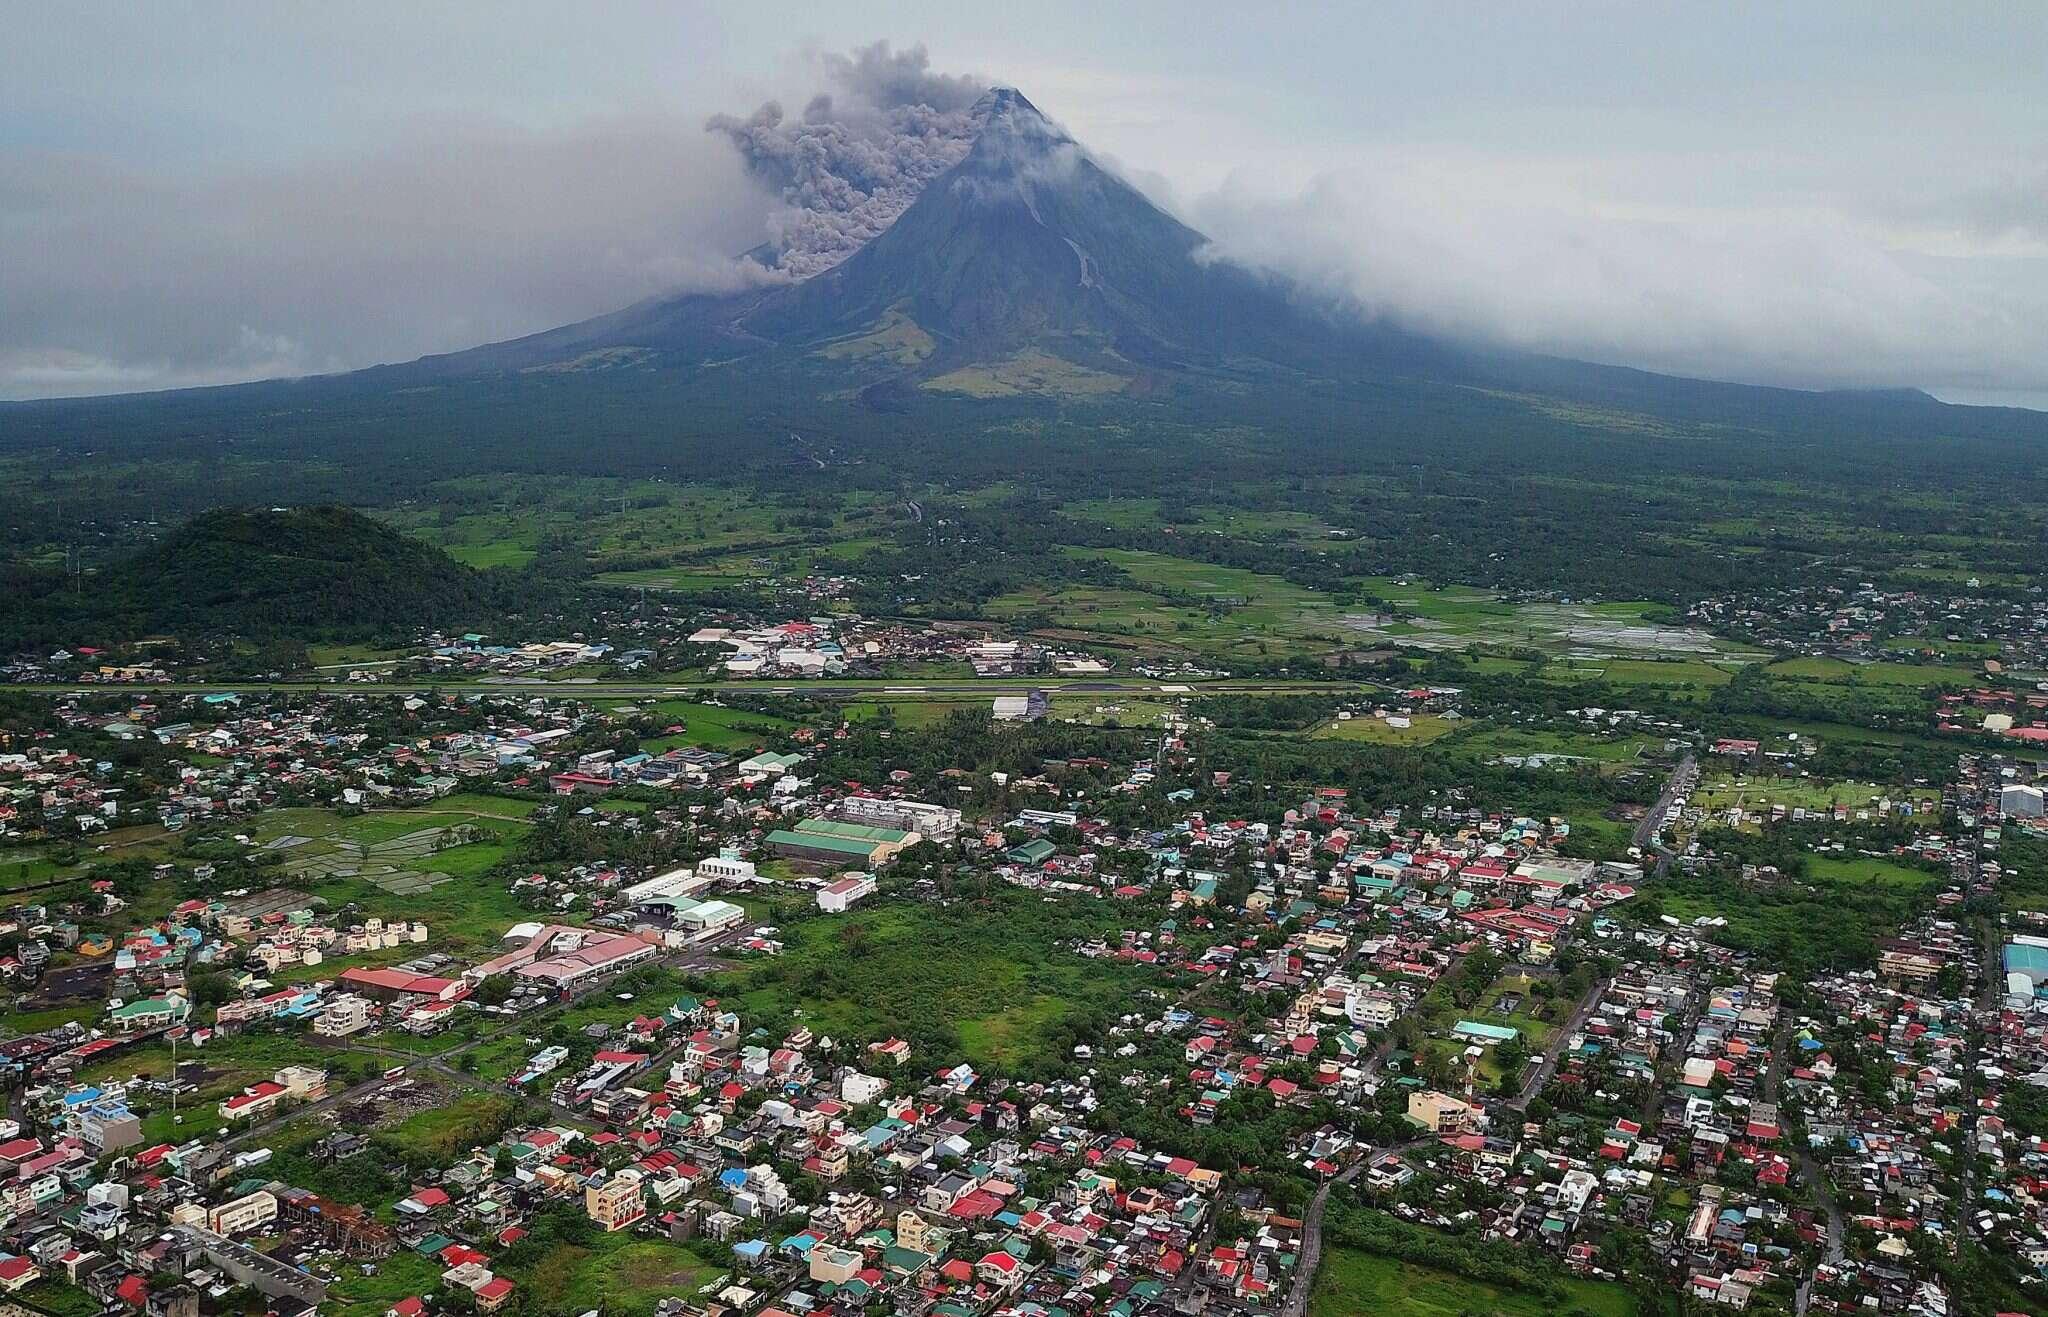 התפרצות הר הגעש מאיון שבפיליפינים כפי שרואים אותה תושבי העיירה לגסקי. צילום: EPA